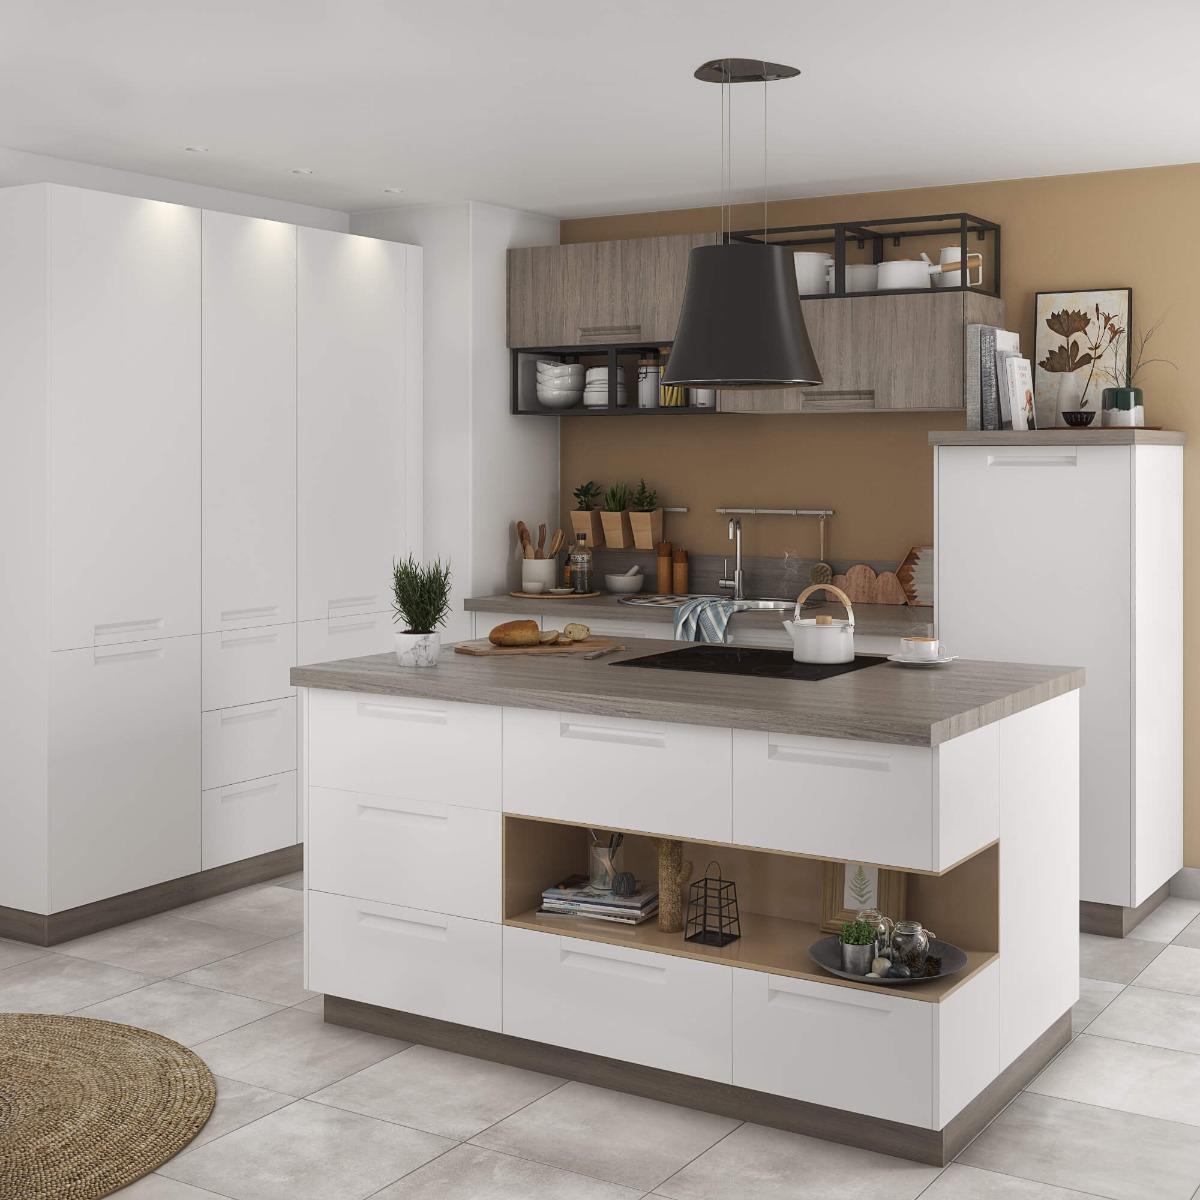 Delinia Evora White Designer Kitchen Mobi - Example 4